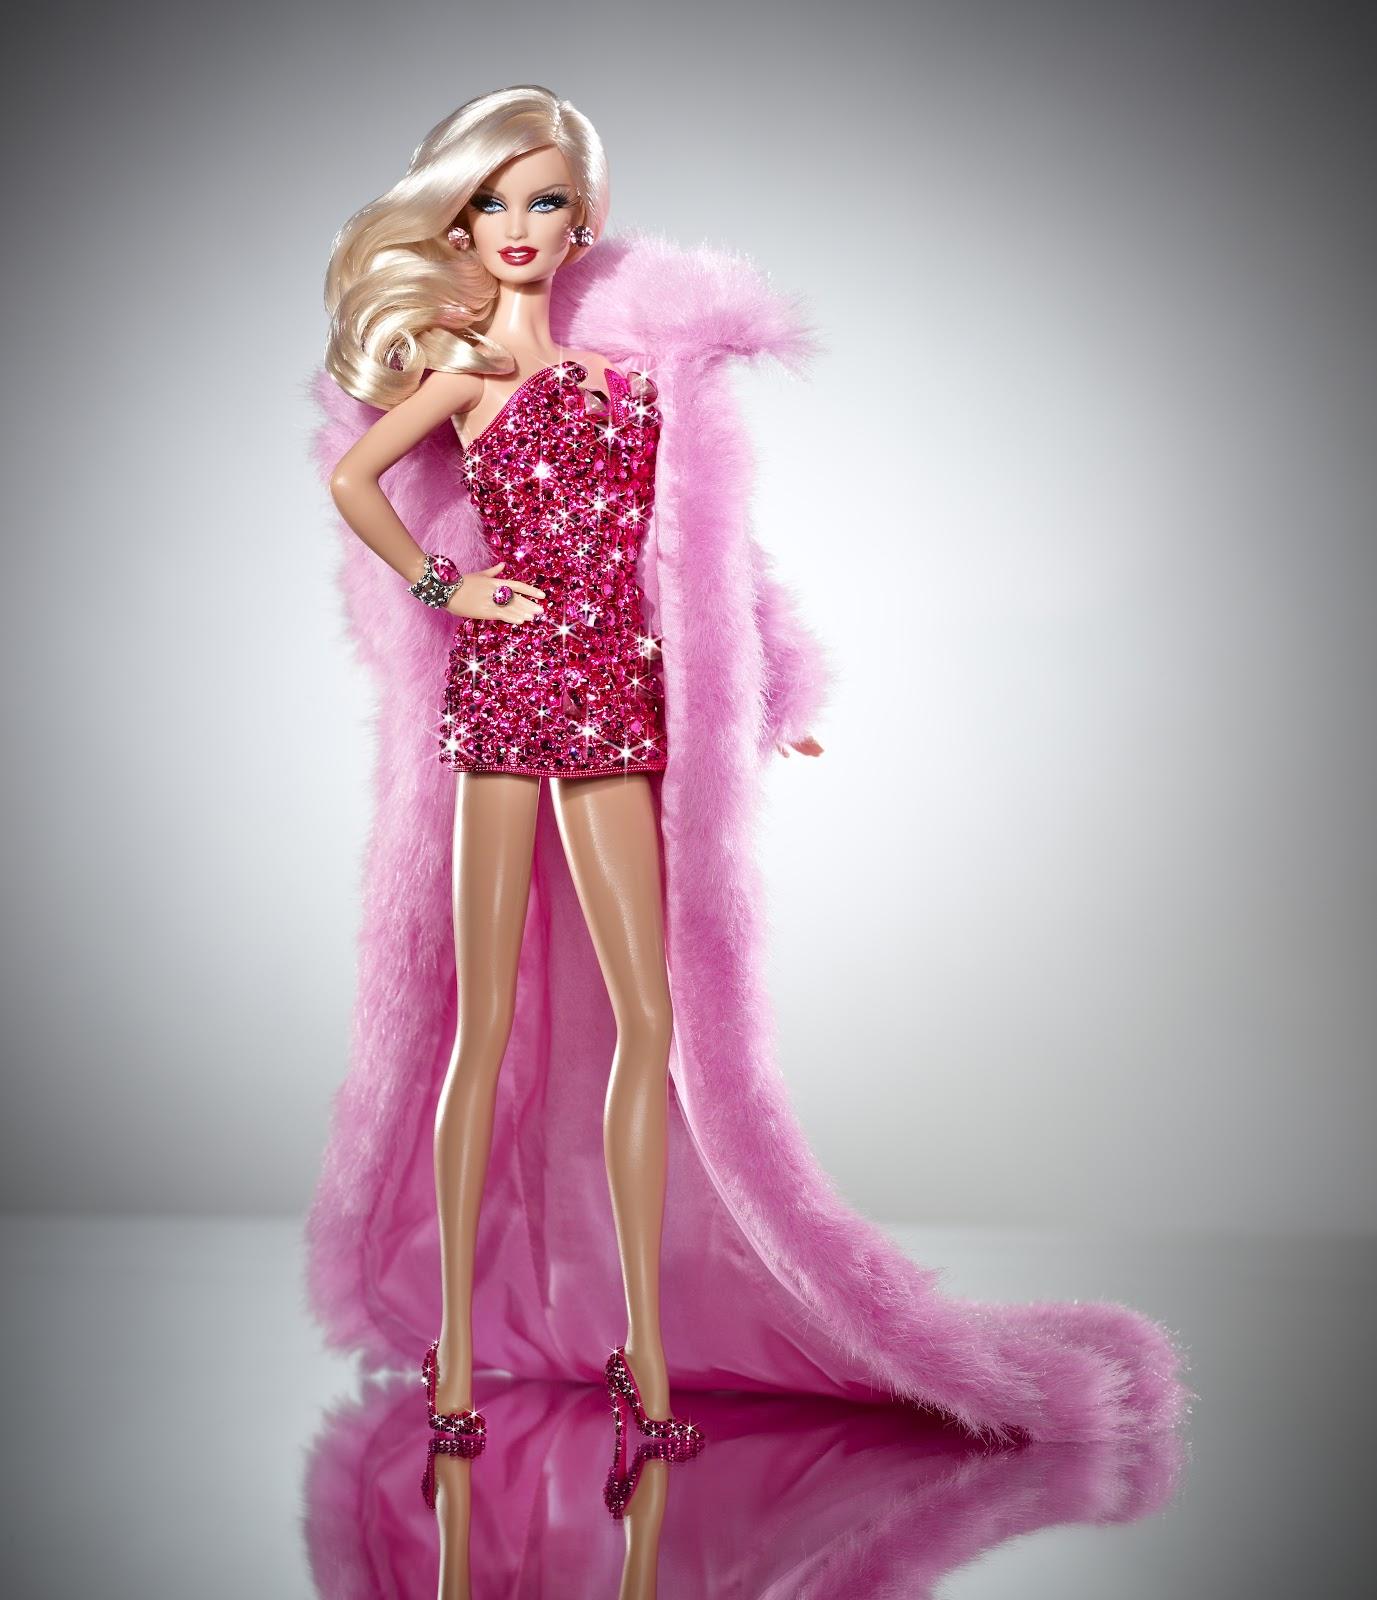 http://2.bp.blogspot.com/-Aea-VrWuWPI/UF8m5tilVuI/AAAAAAAAAak/H2DIVEaVaG4/s1600/Blonds+OOAK+Pink+Diamond.jpg